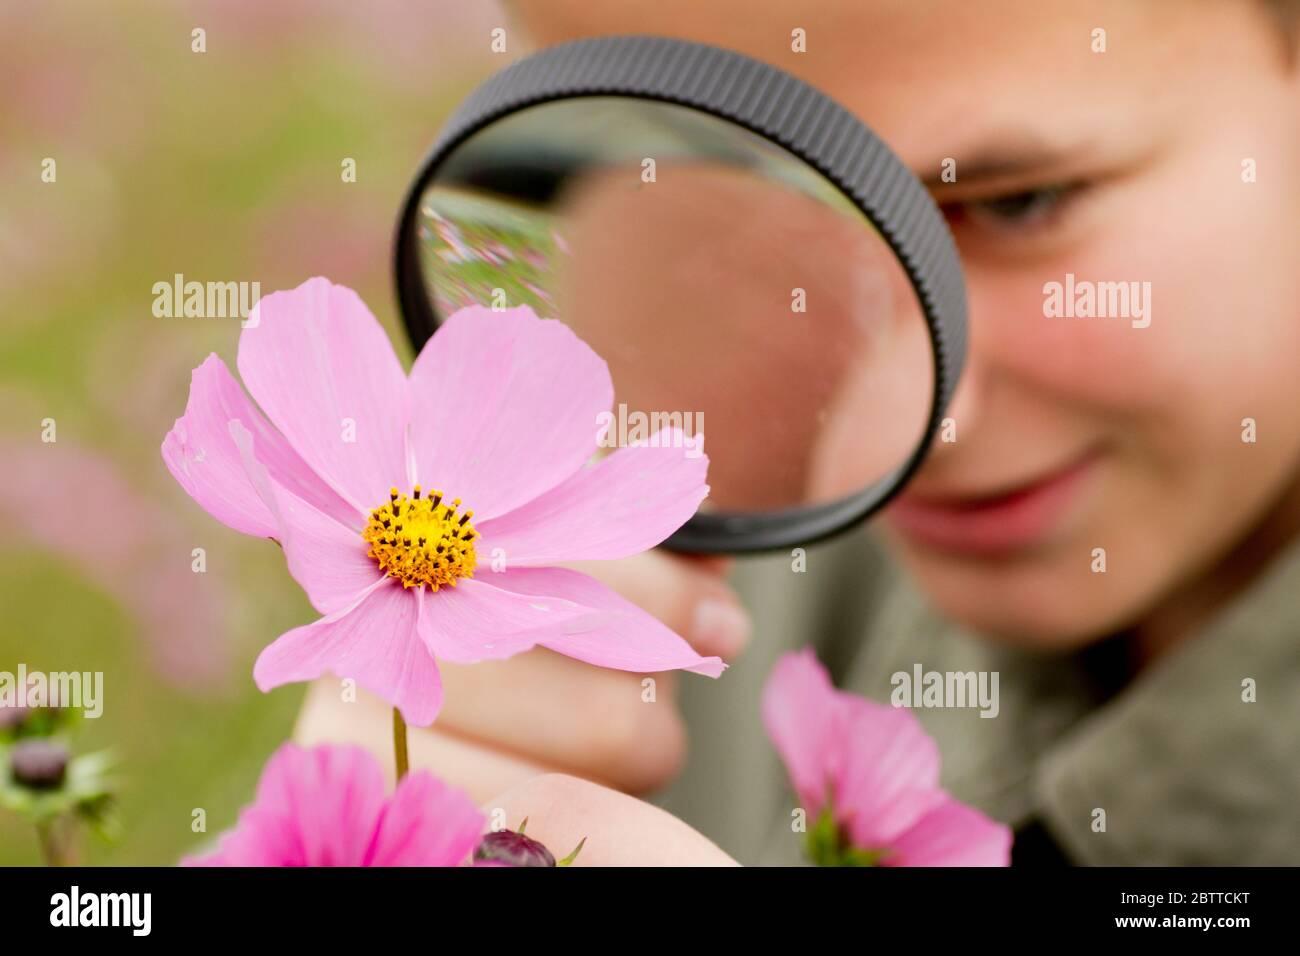 Junge betractet Blume durch eine Lupe, MR: Sí Foto de stock